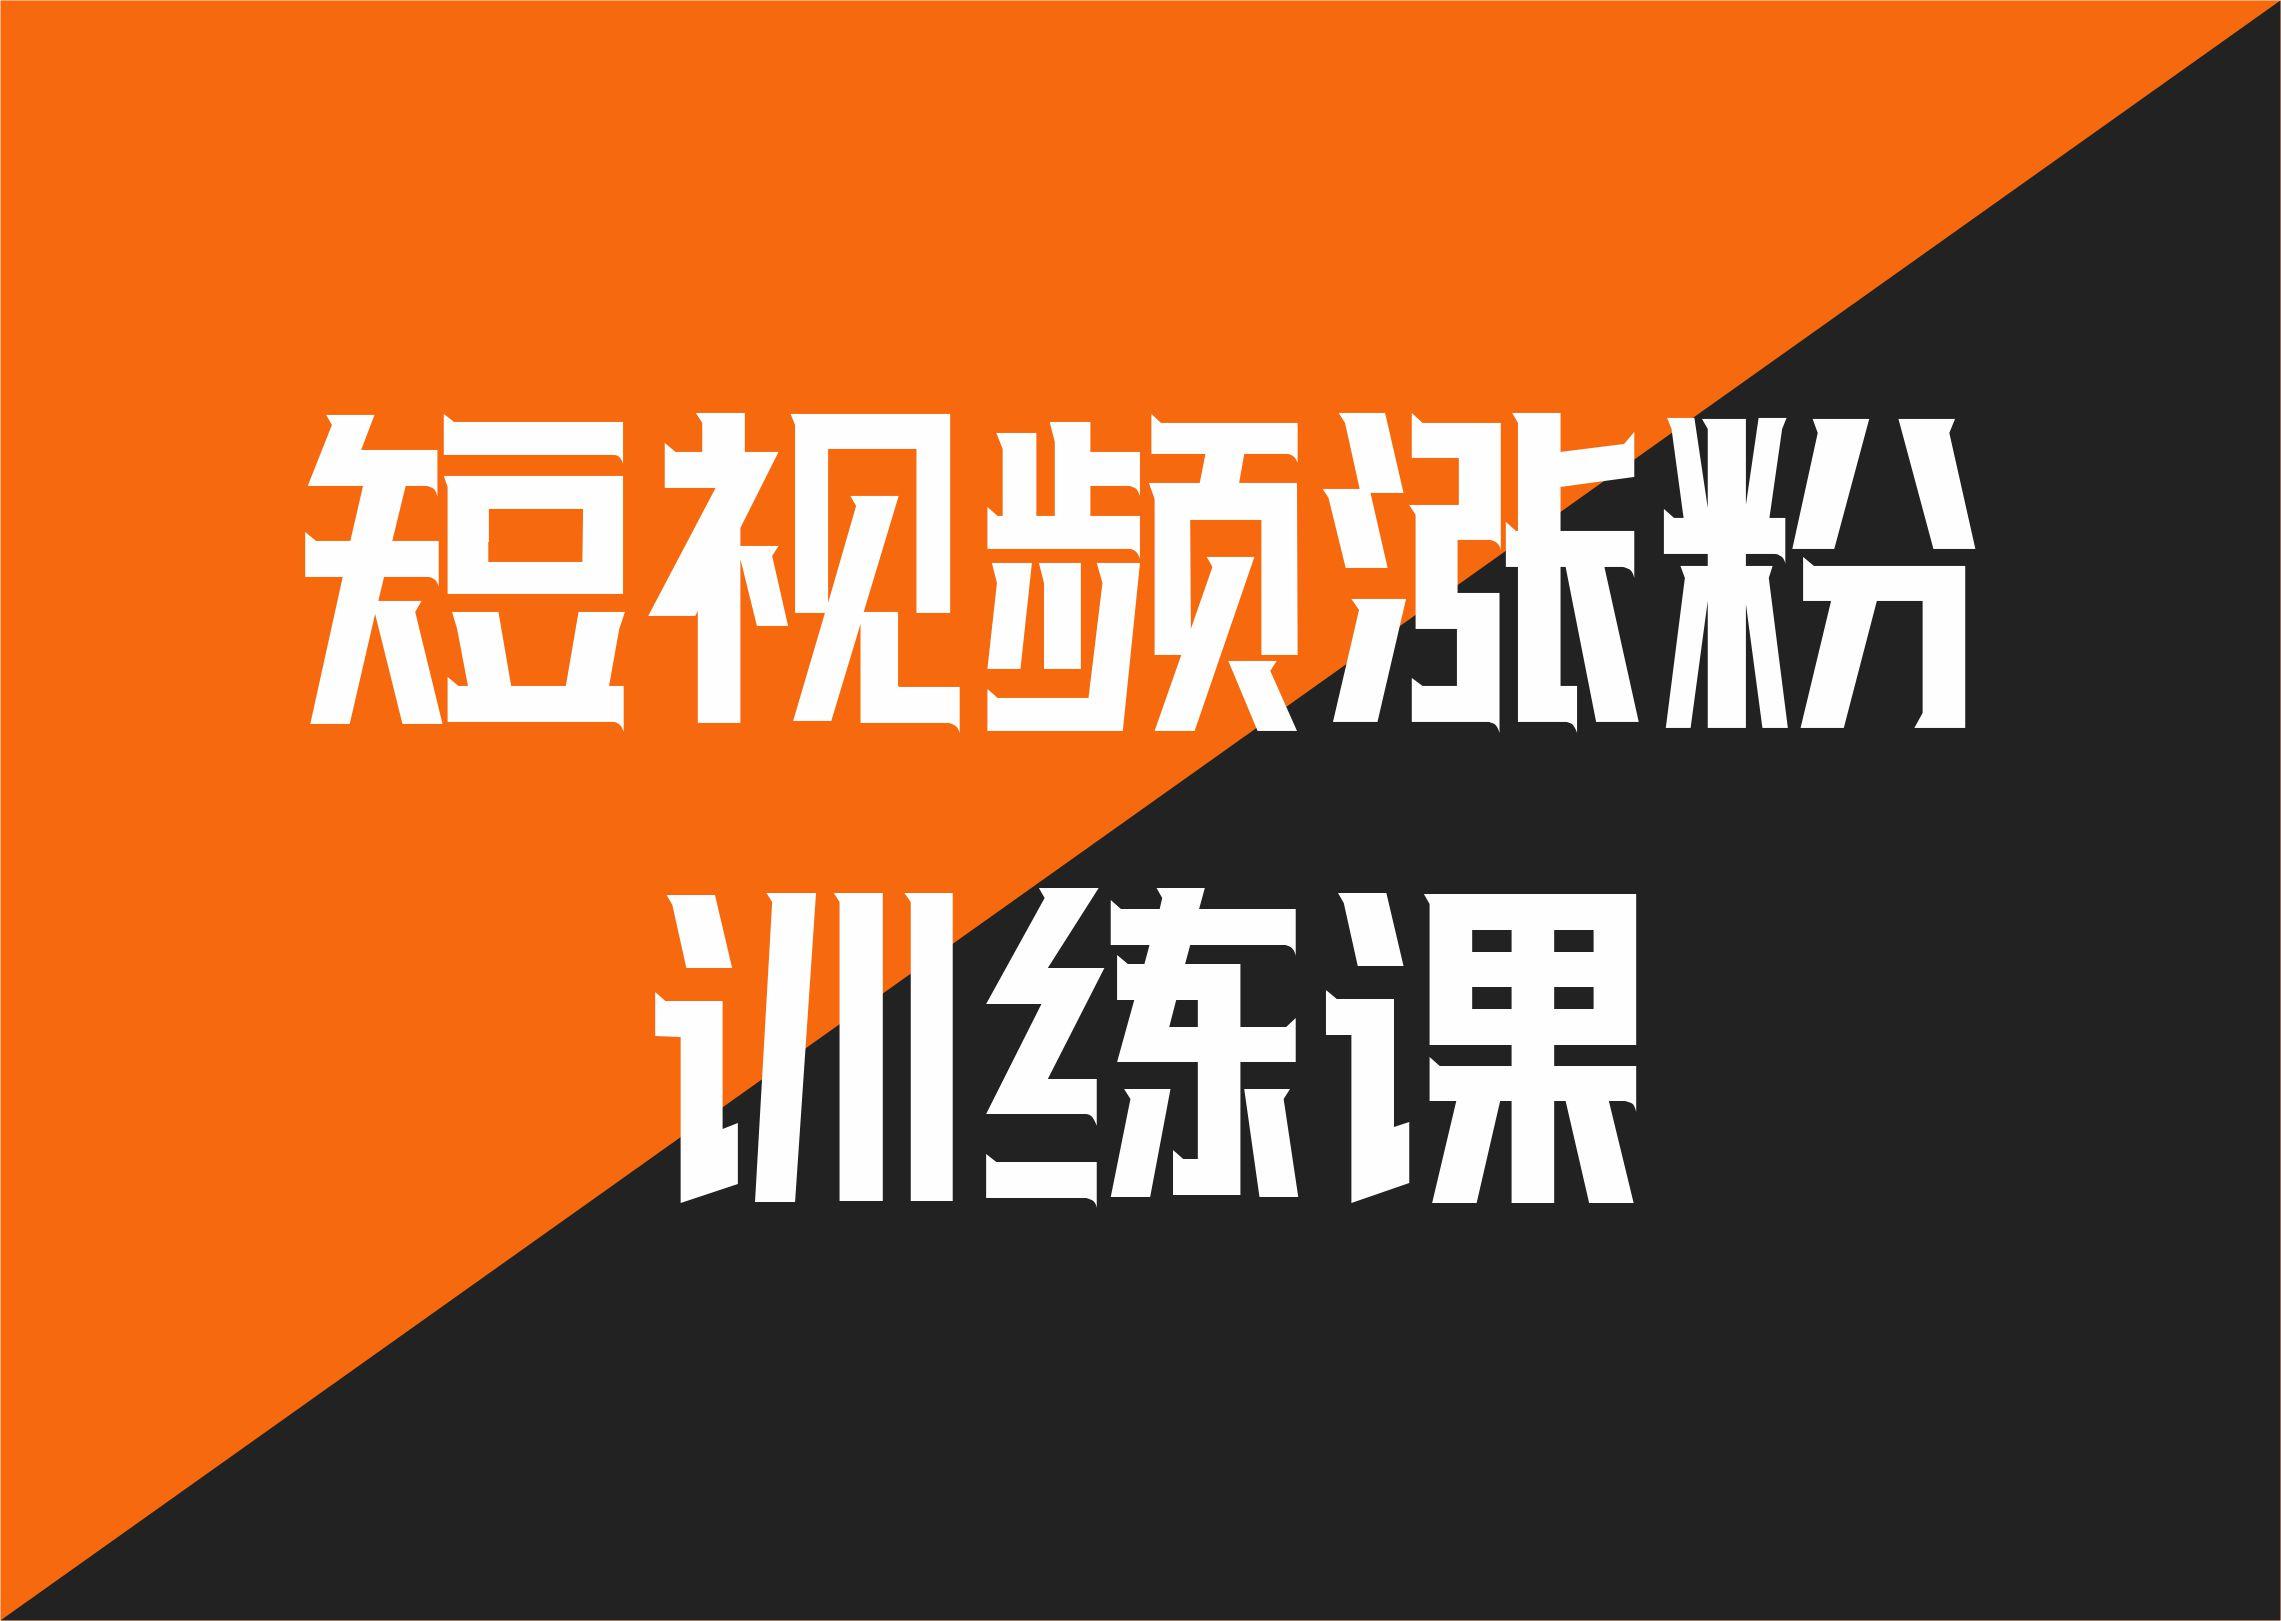 村西边老王·抖音短视频涨粉营销训练营,价值999元